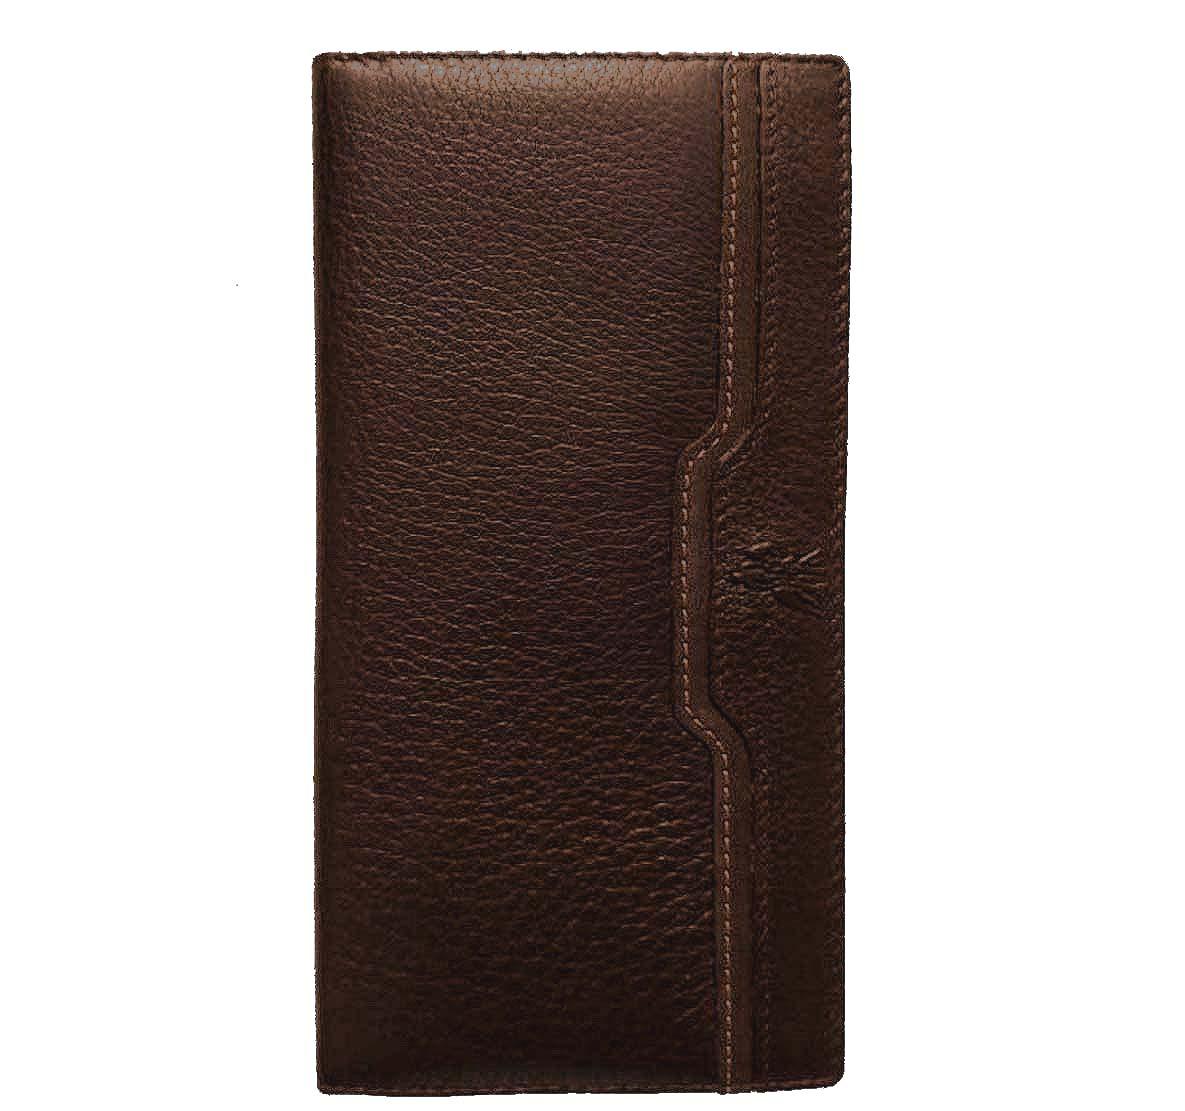 U.S. POLO Assn. / Бумажник U.S. POLO ASSN 13407-1-3 коричневый